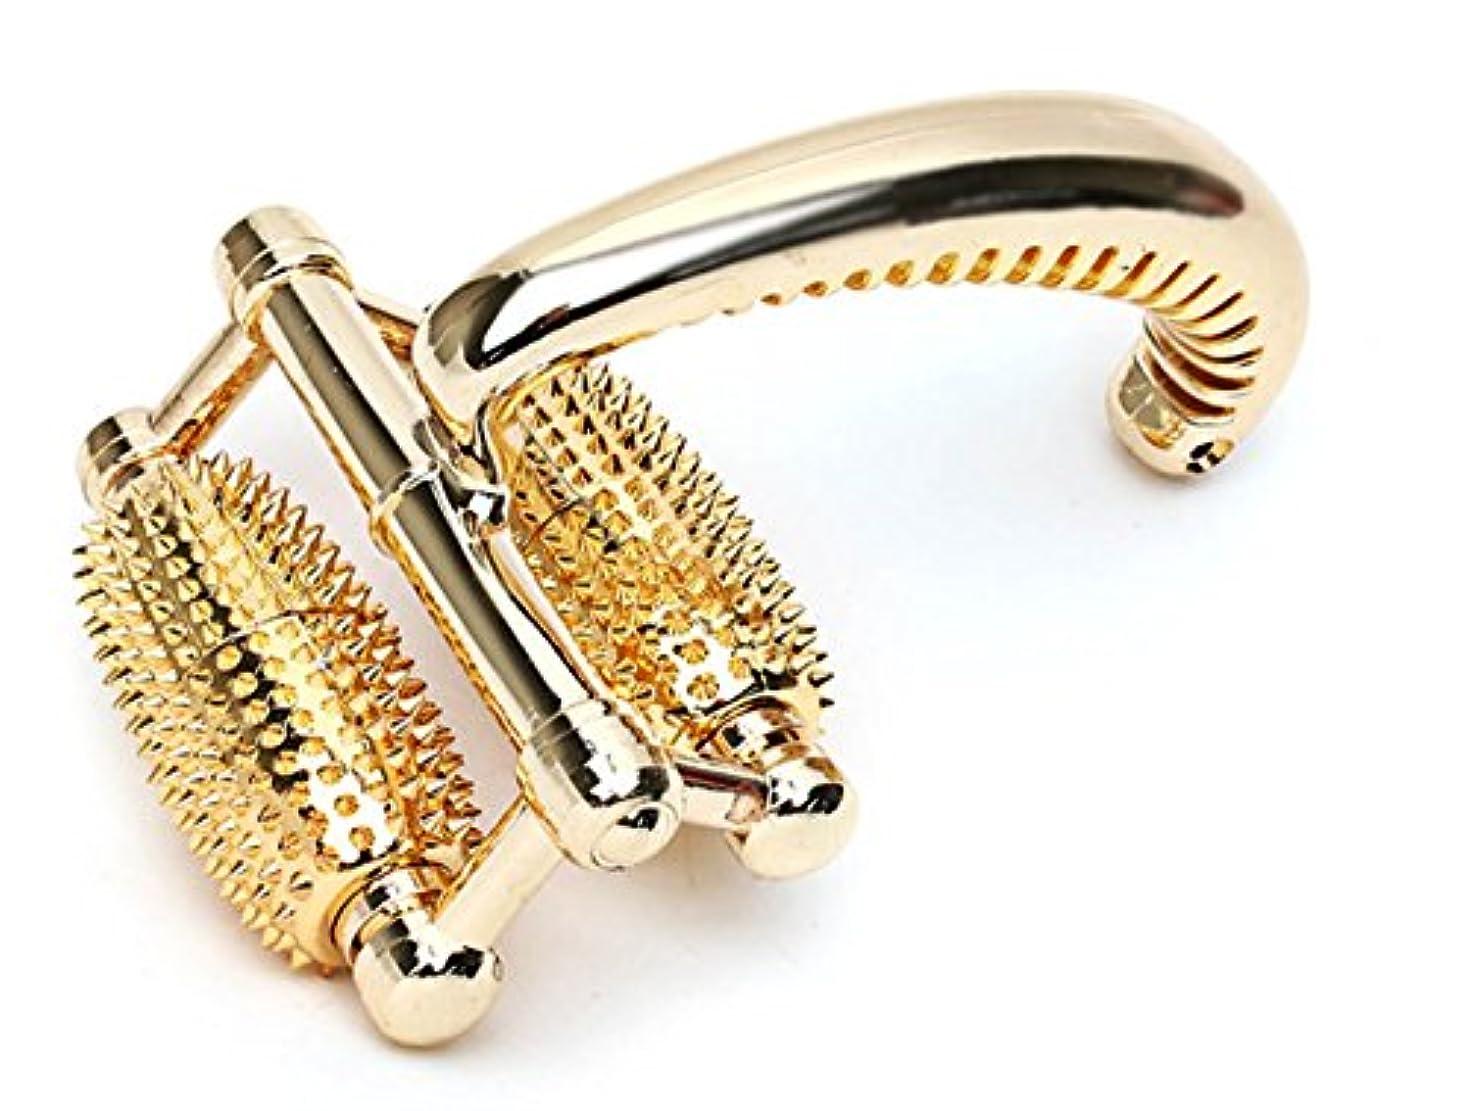 補充開業医刺しますSungjinABLE 金針ローラー 全身マッサージ器 ローラ 経穴点 指圧マッサージ機 手のひら 足 肩 首 アンマ機 海外直送品 (Gold Full Body Roller Massager Acupressure...